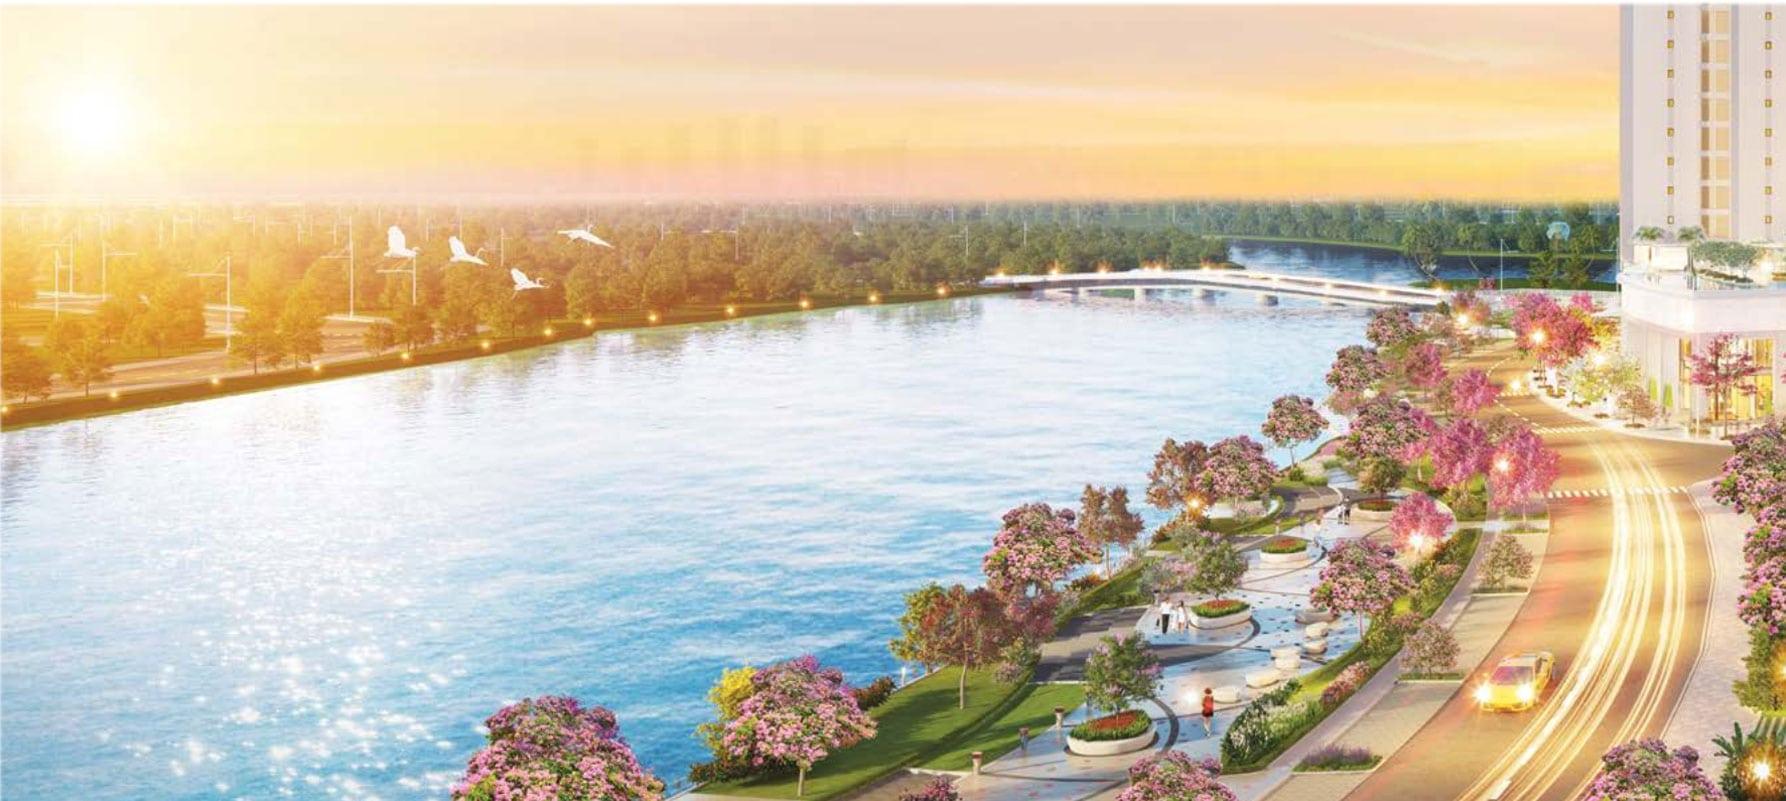 Công viên Hoa anh đào hứa hẹn sẽ là địa danh thu hút đông đảo cư dân đô thị và người dân thành phố, bổ sung nguồn khách cho shop Midtown.